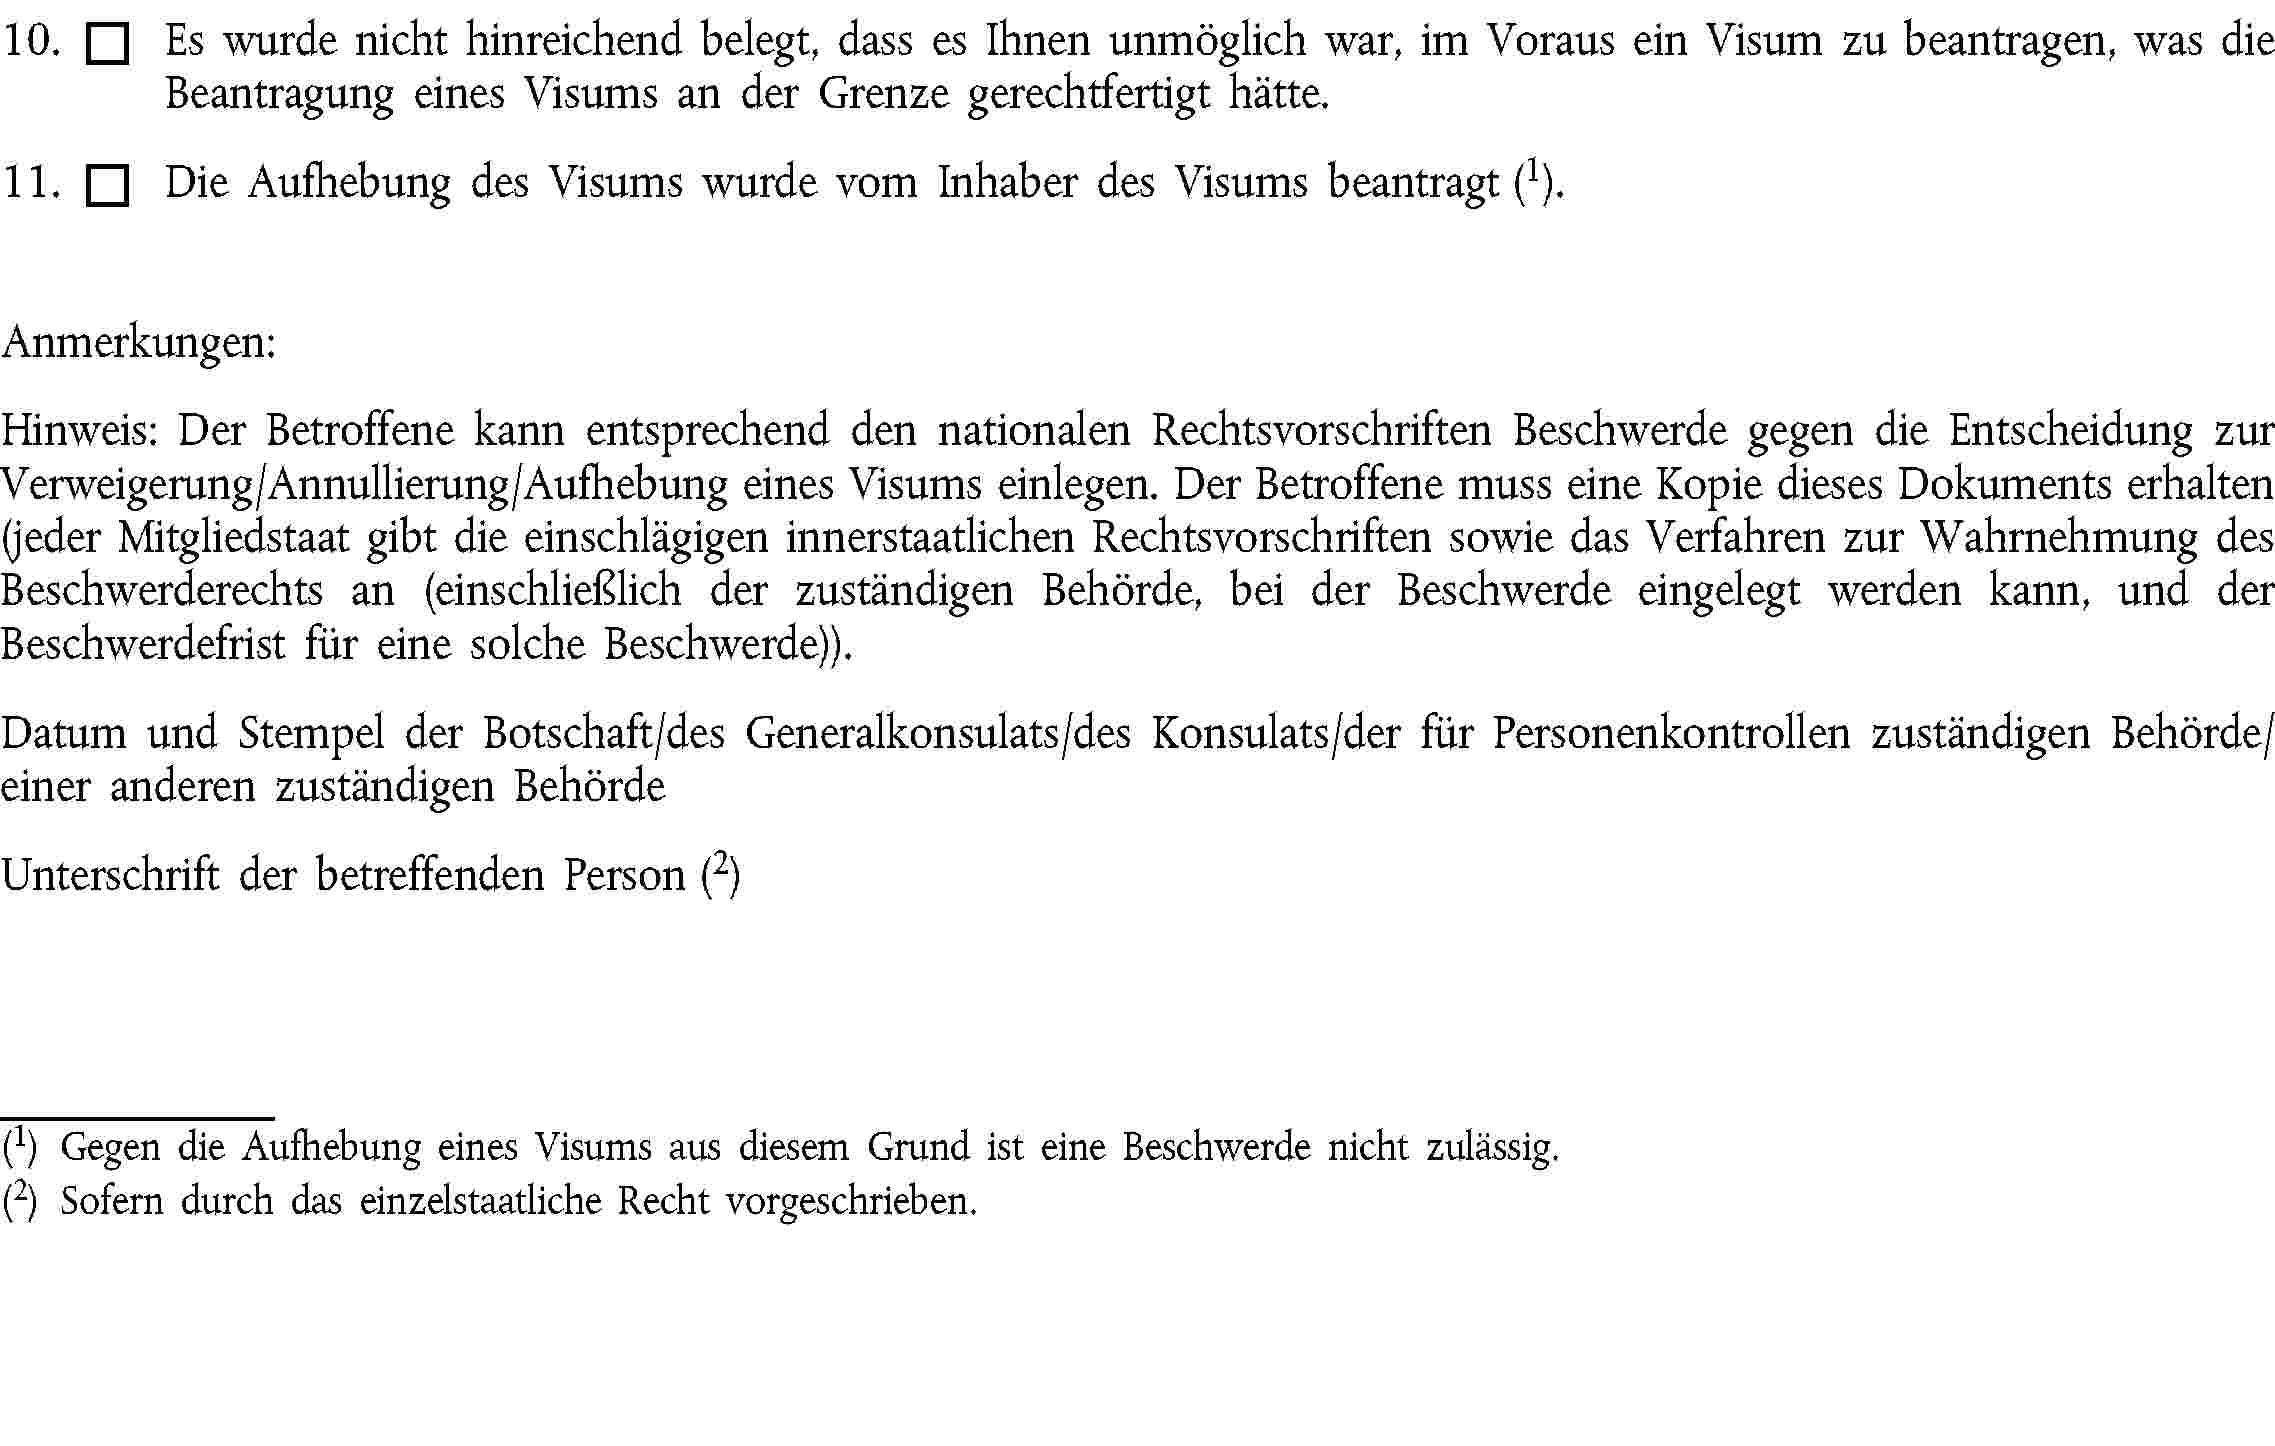 eur-lex - 02009r0810-20131018 - en - eur-lex, Einladung